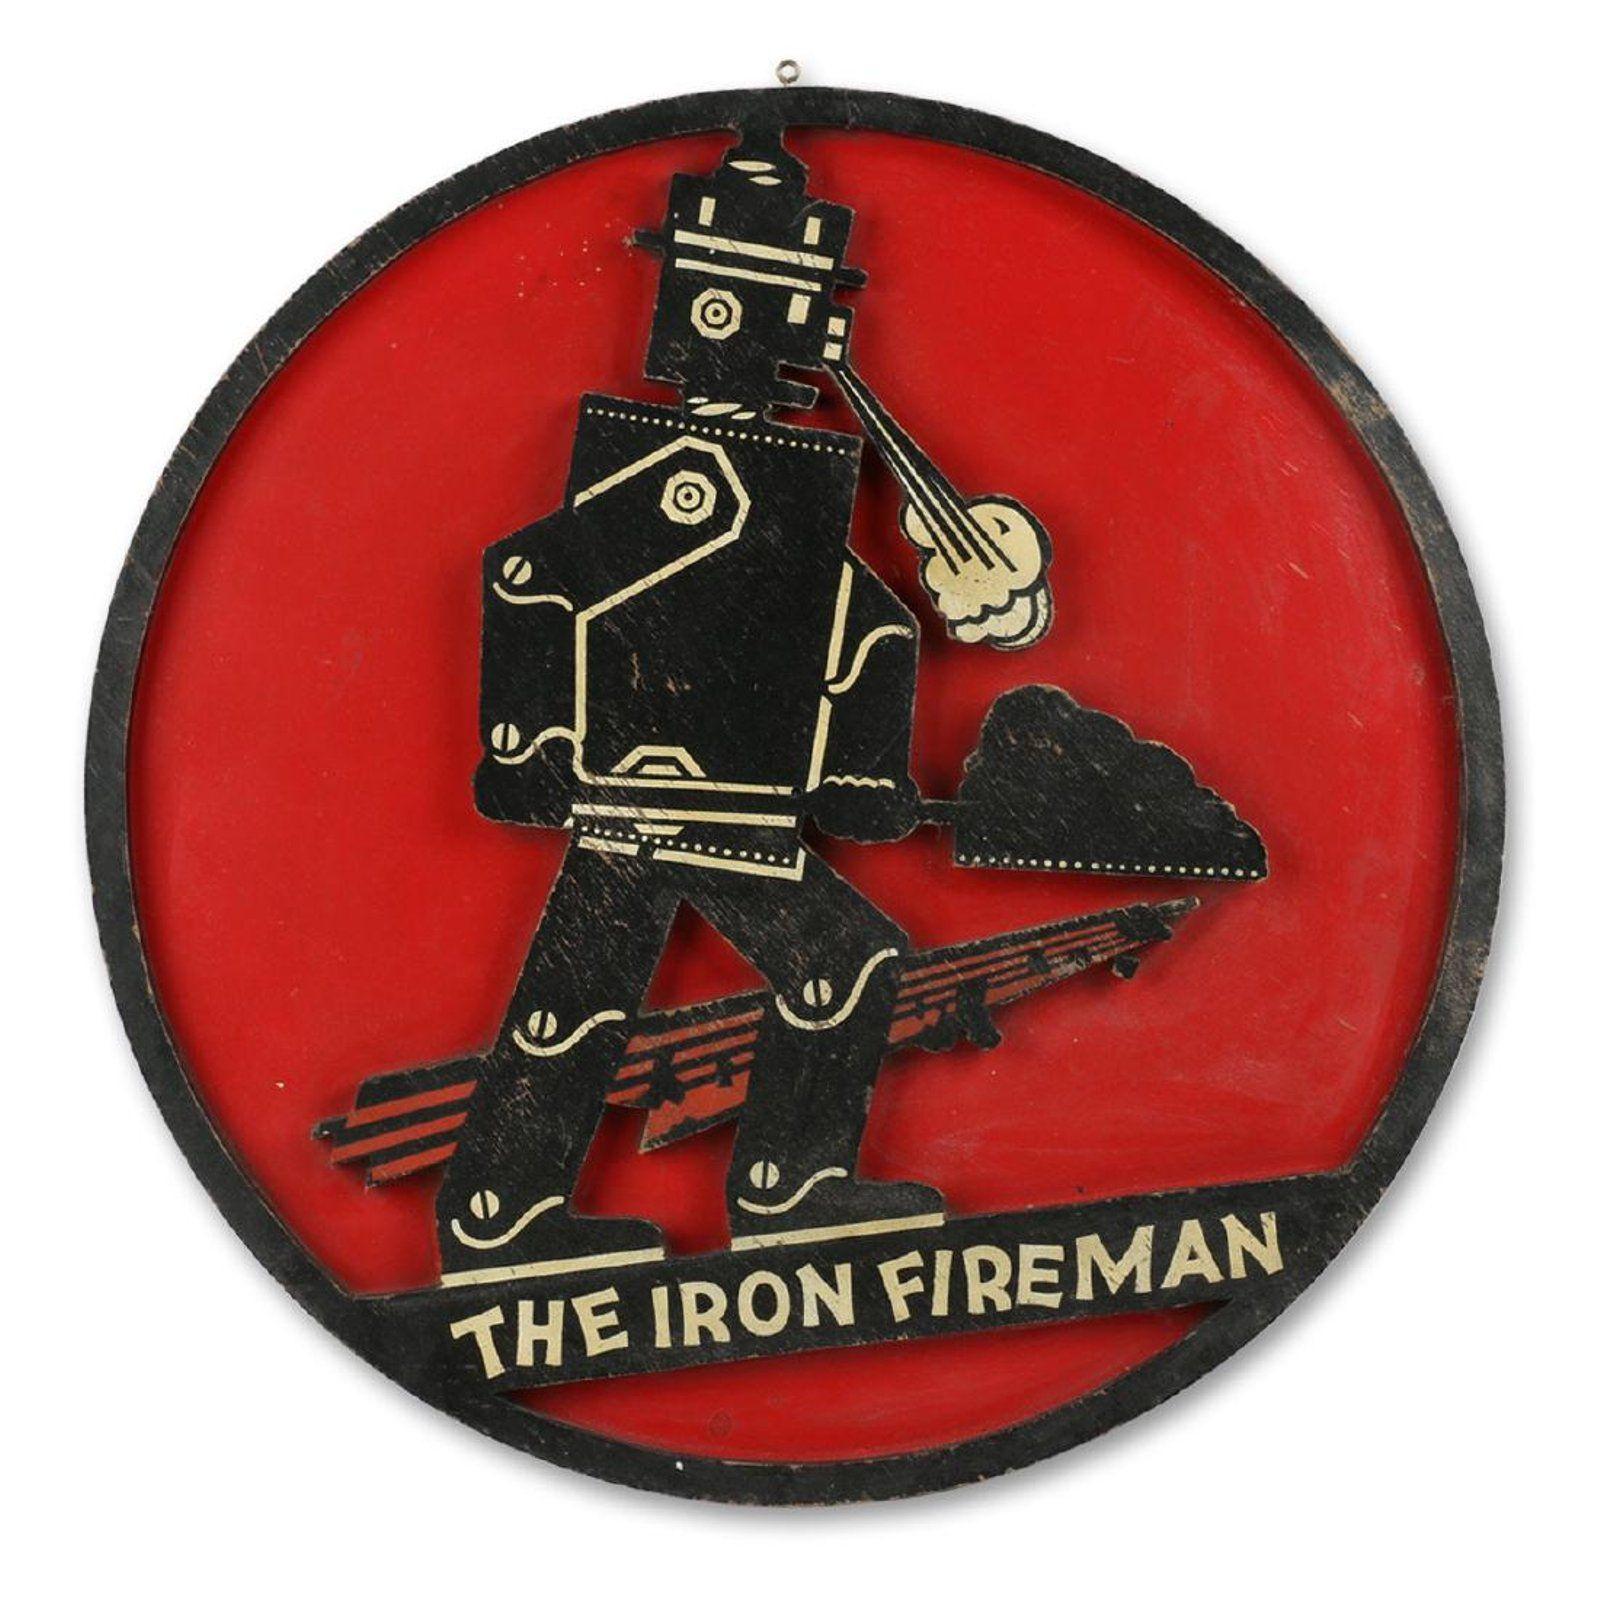 Iron Fireman Coal Furnace Sign (With images) Coal furnace